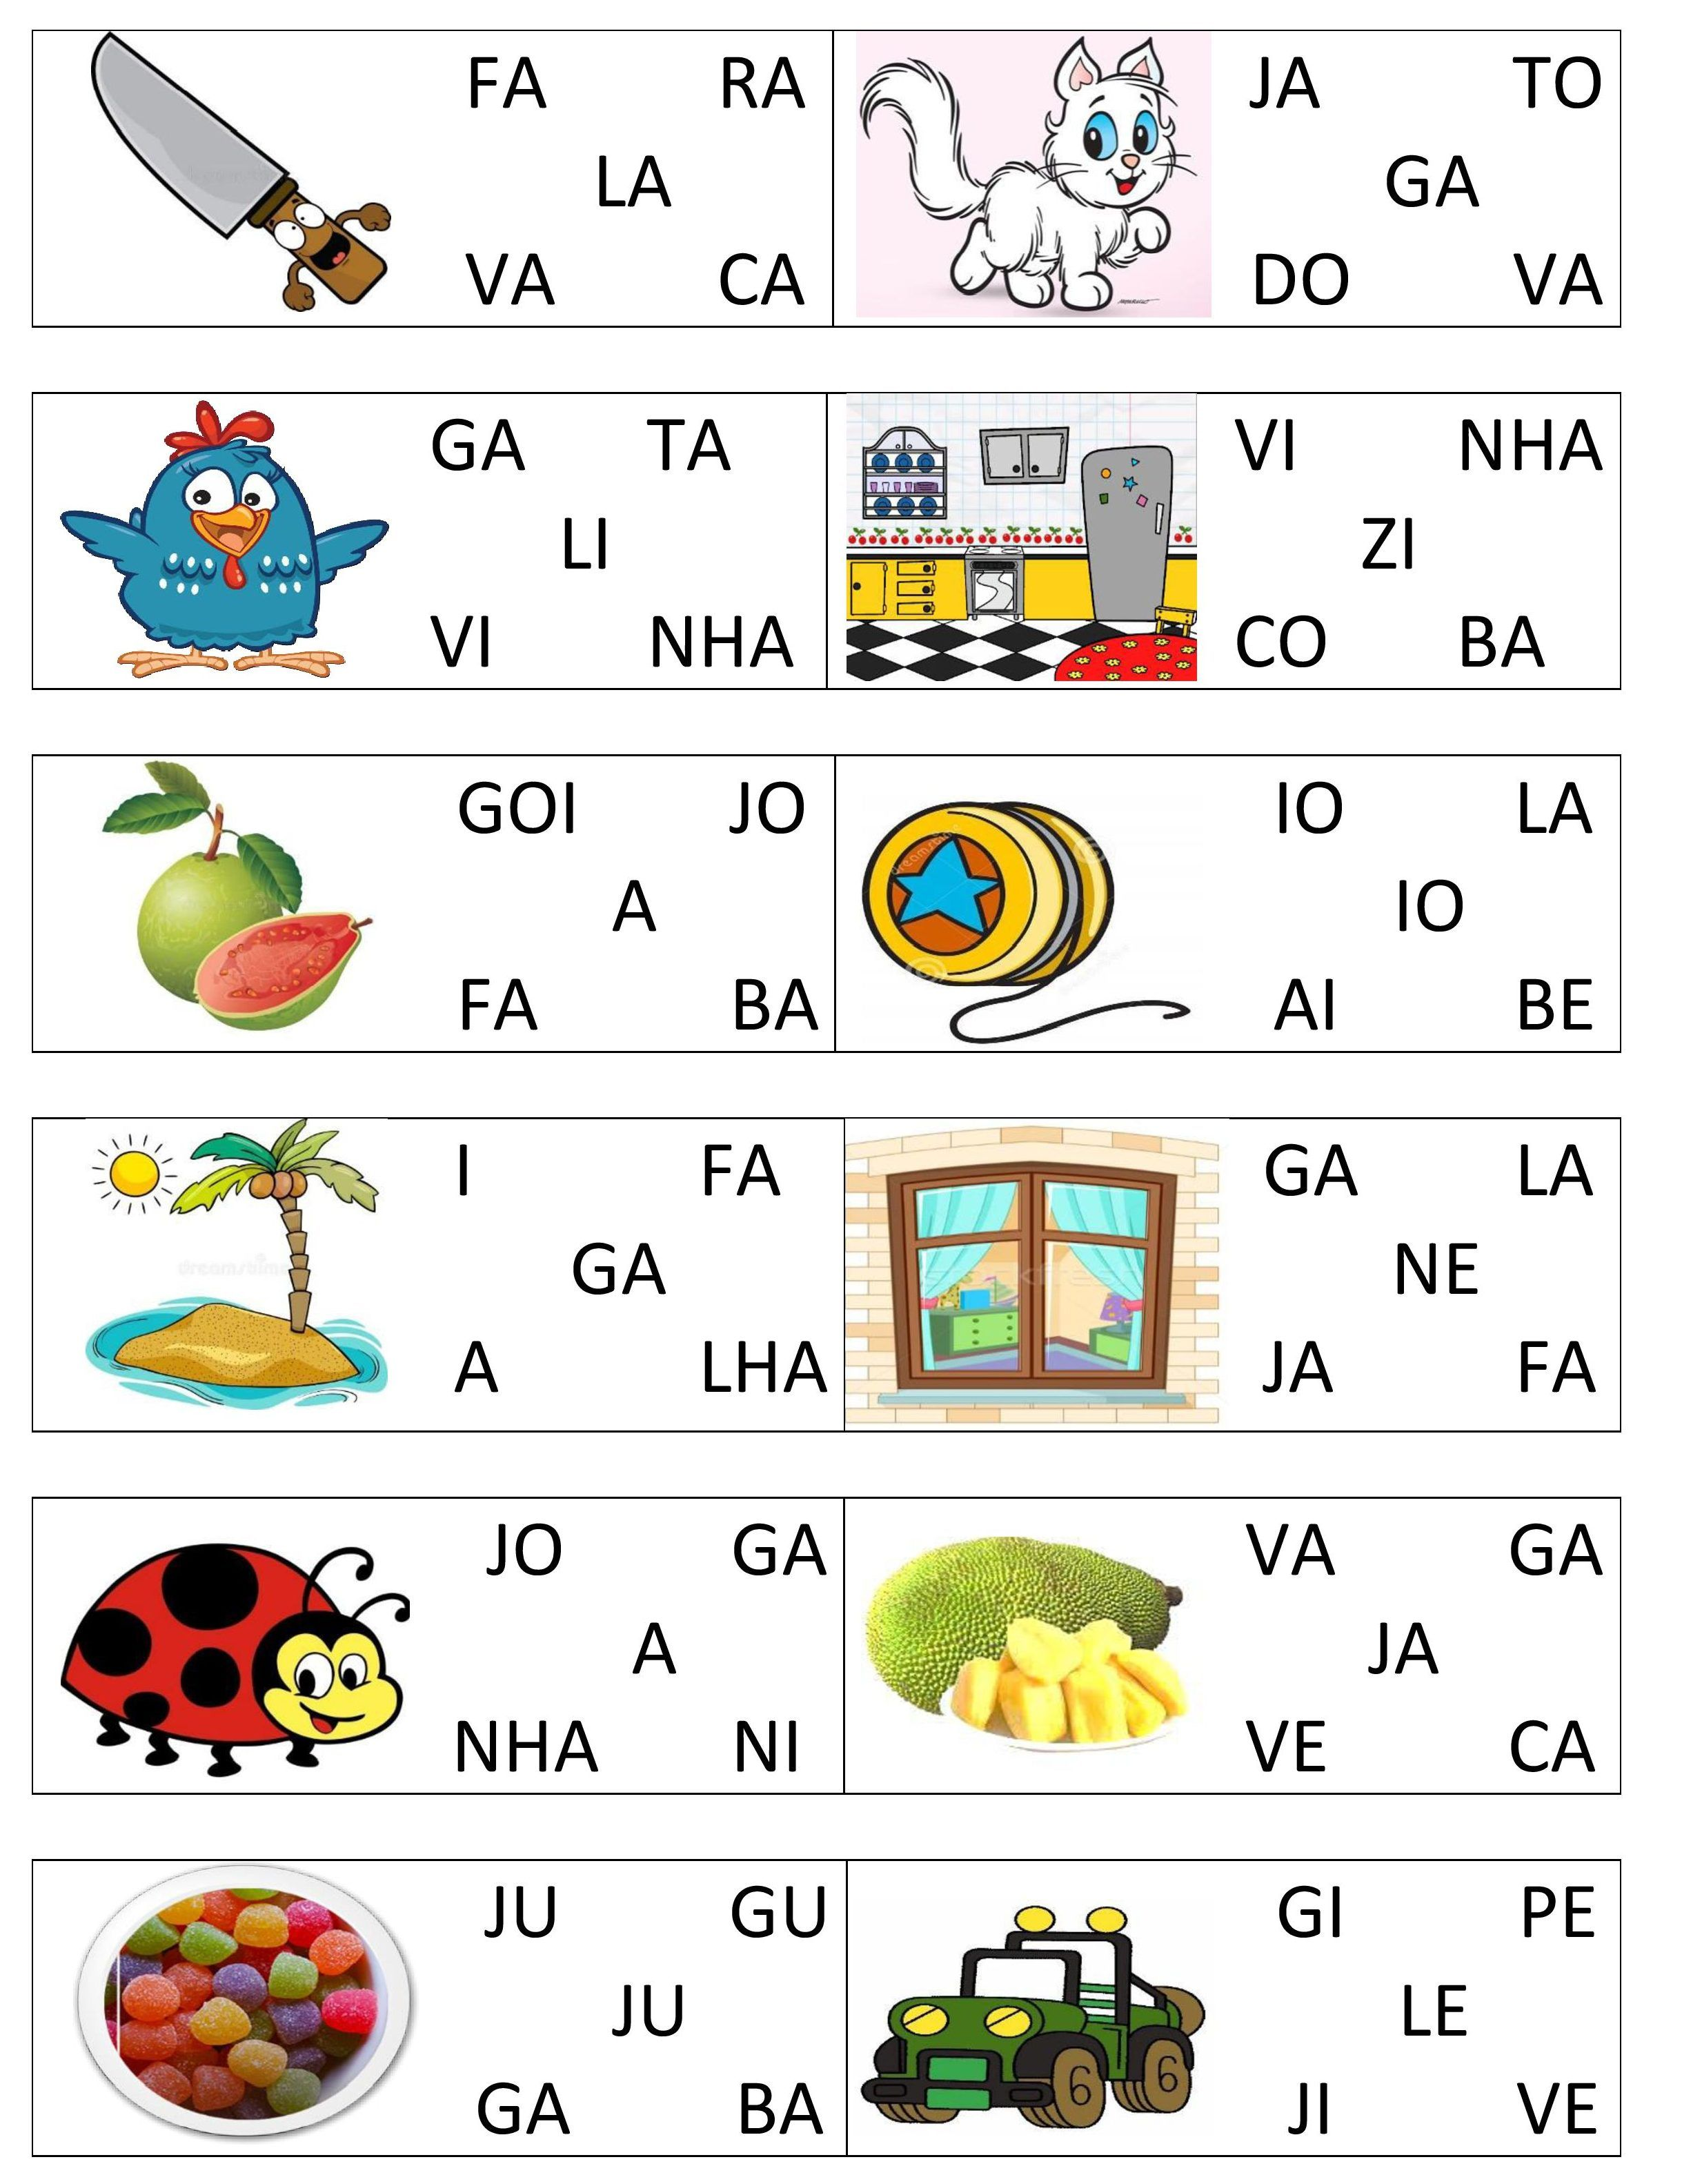 Jogo De Formacao De Palavras Pdf Versao 1 3 003 Atividades De Alfabetizacao Atividades Formacao De Palavras